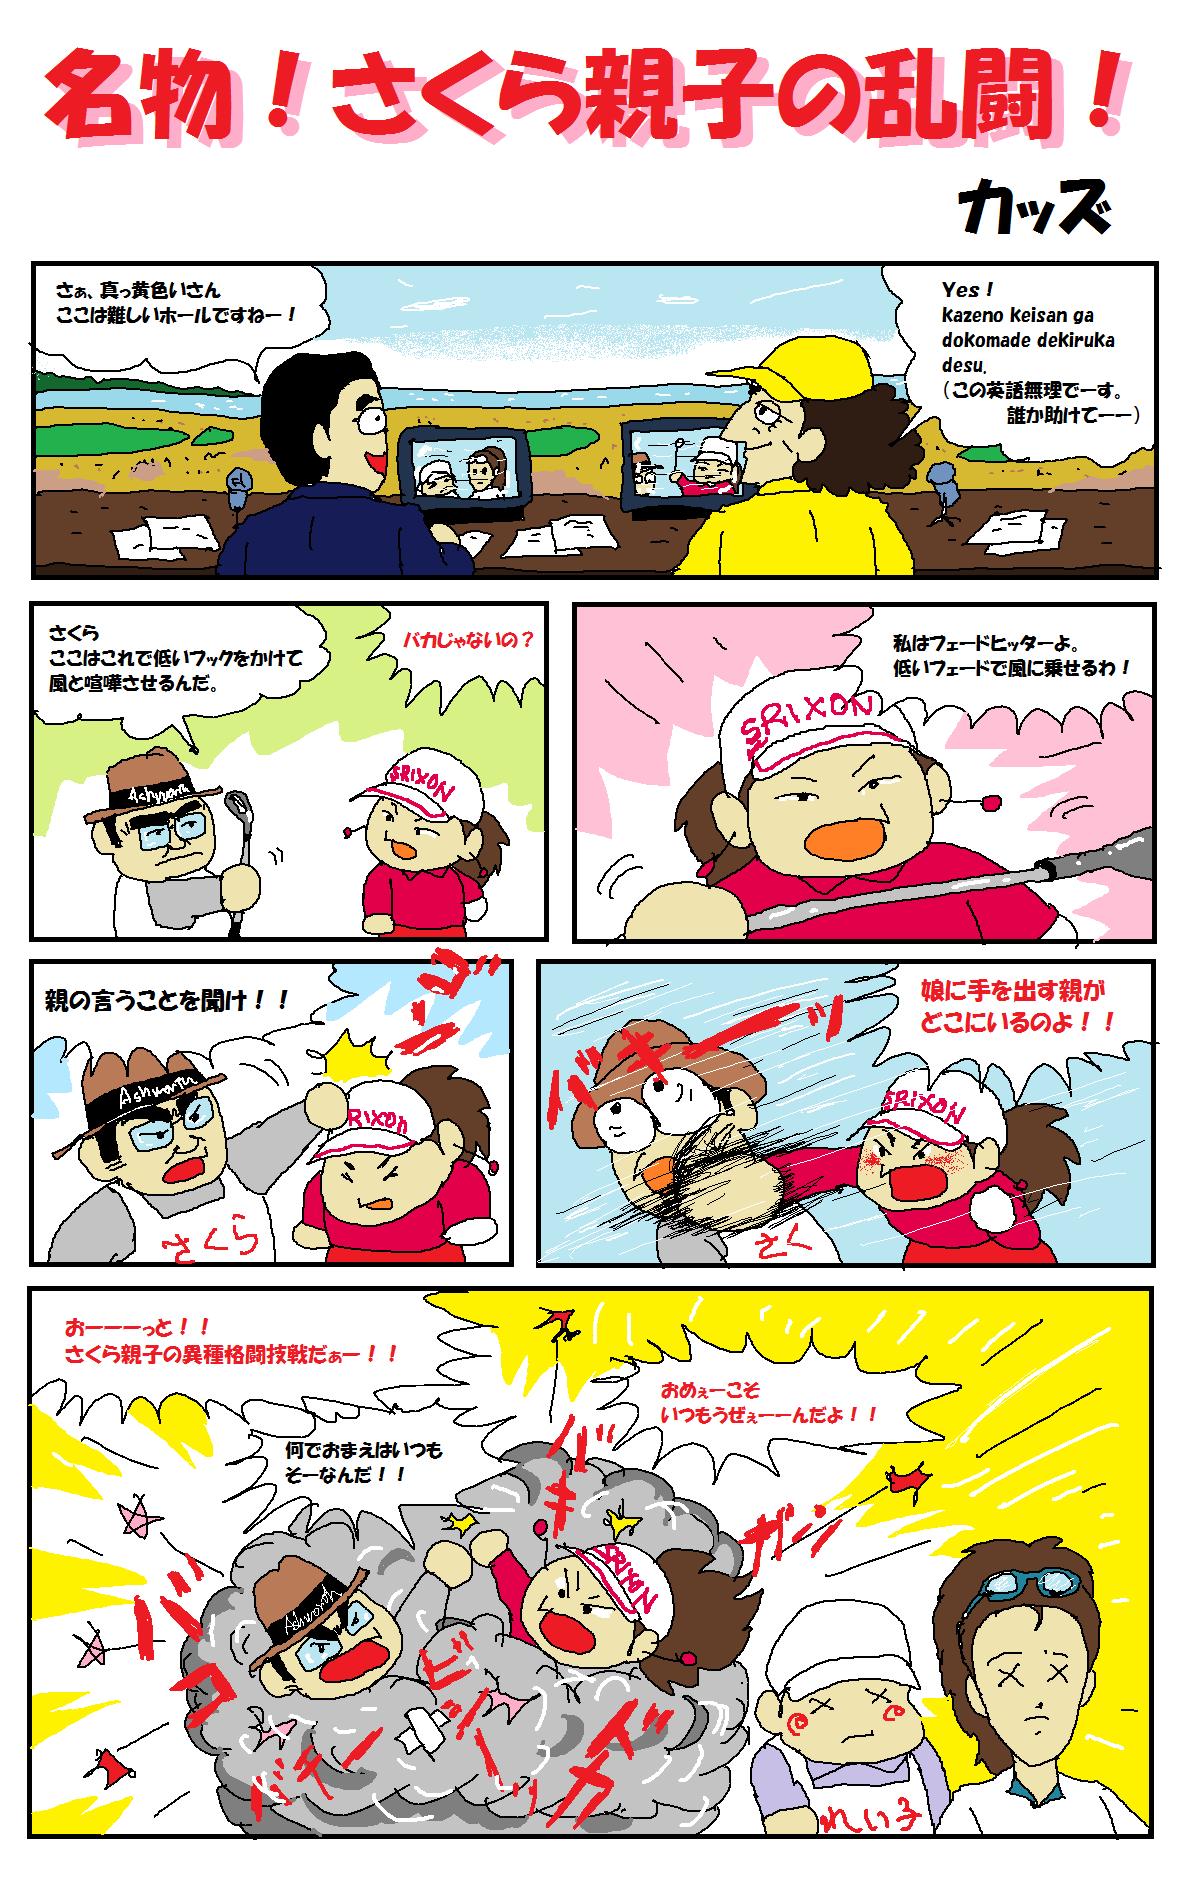 gcじゅ無題